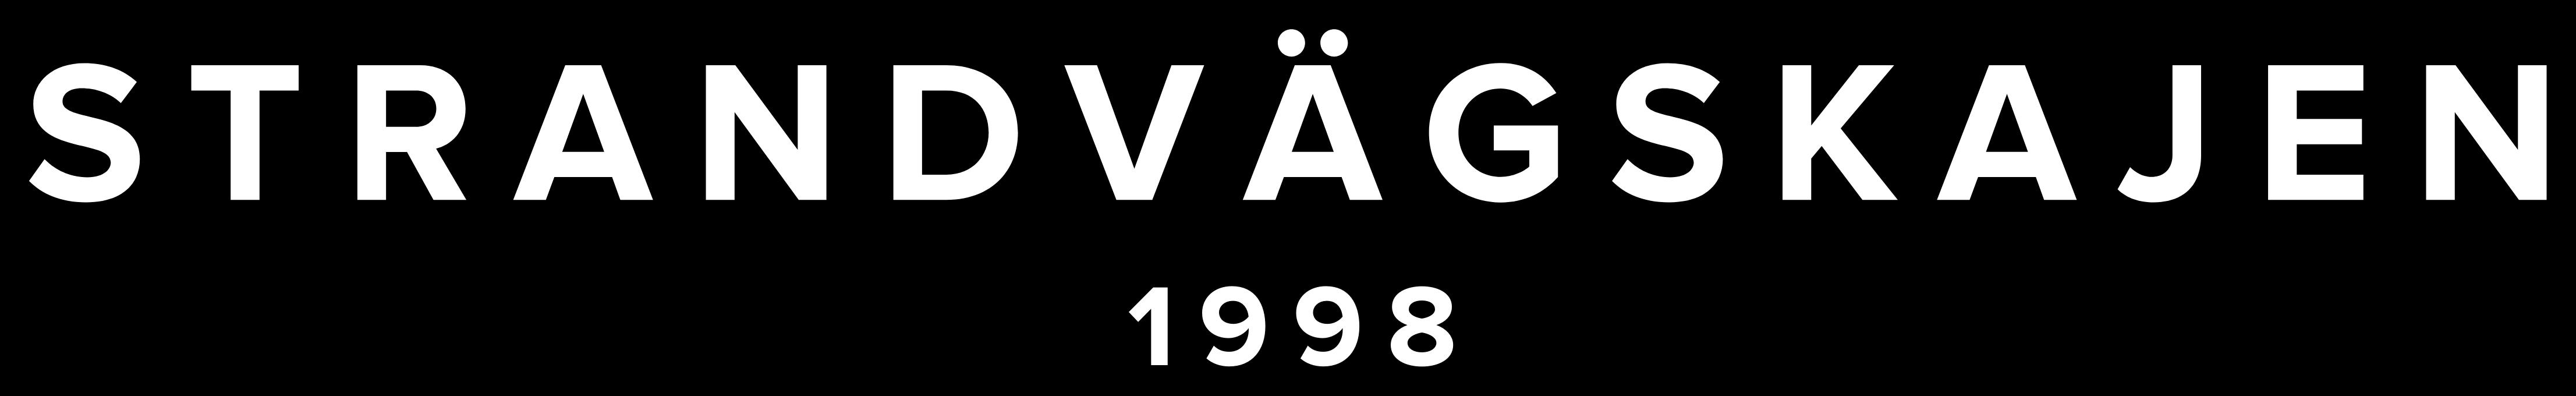 Logo Strandvägskajen - Est. 1998 - @strandvagskajen - strandvagkajen.se